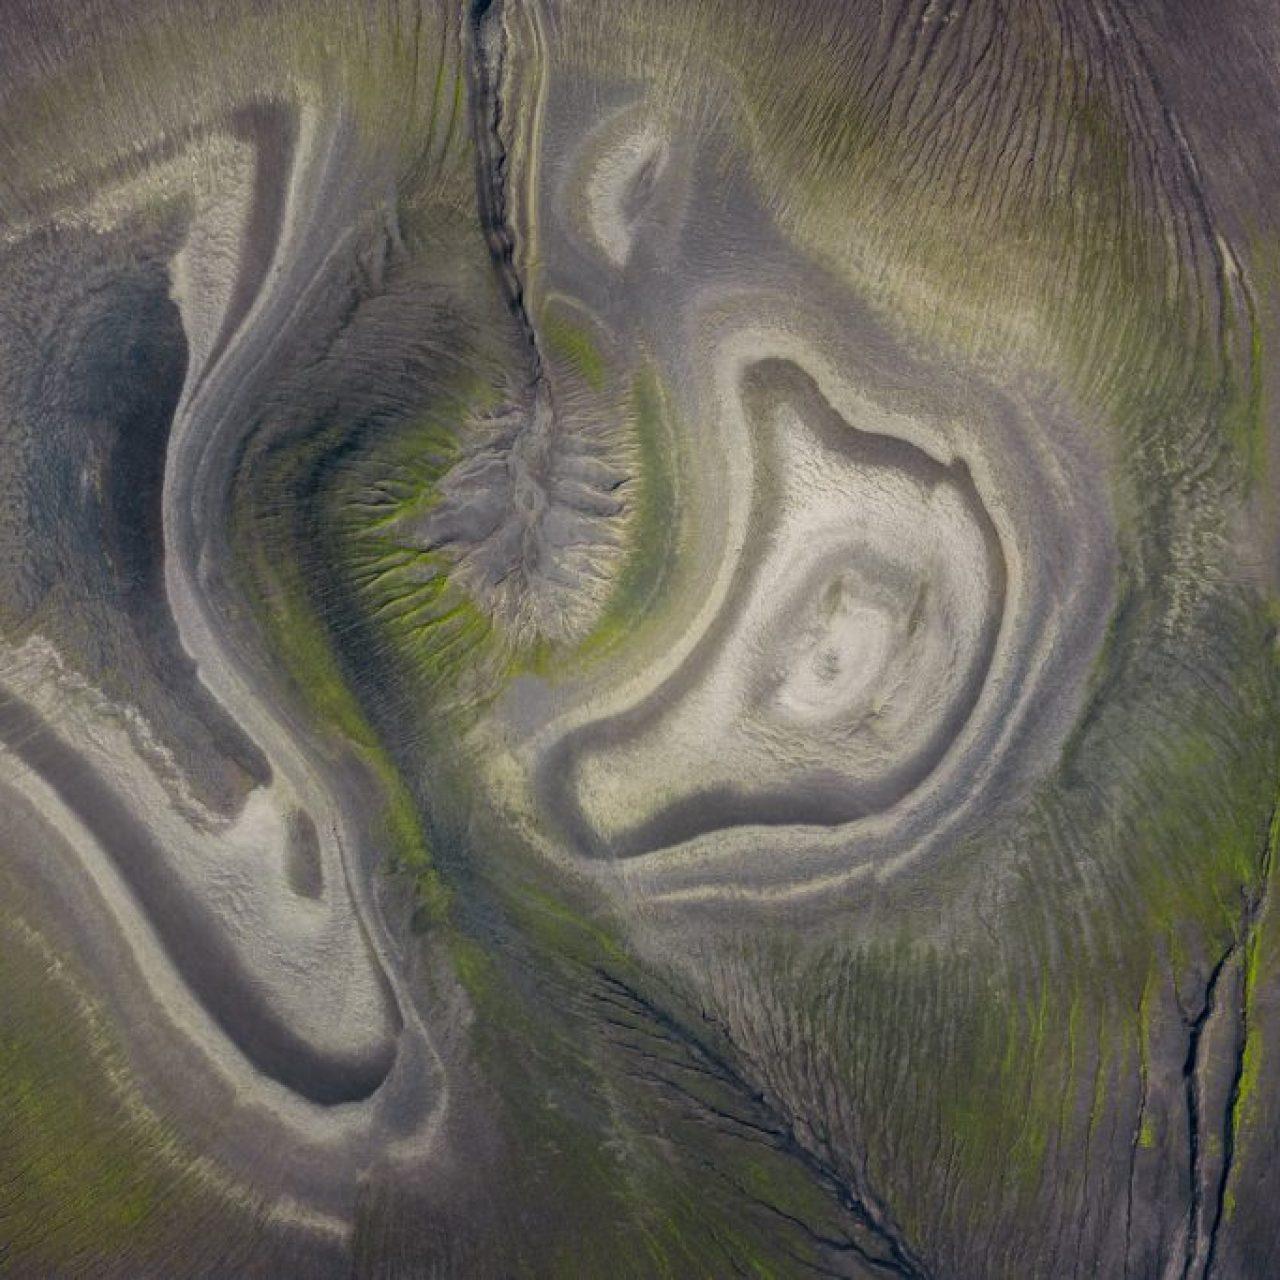 Paysage aérien incroyable dans les hautes terres islandaises, photographie de Kah-Wai Lin